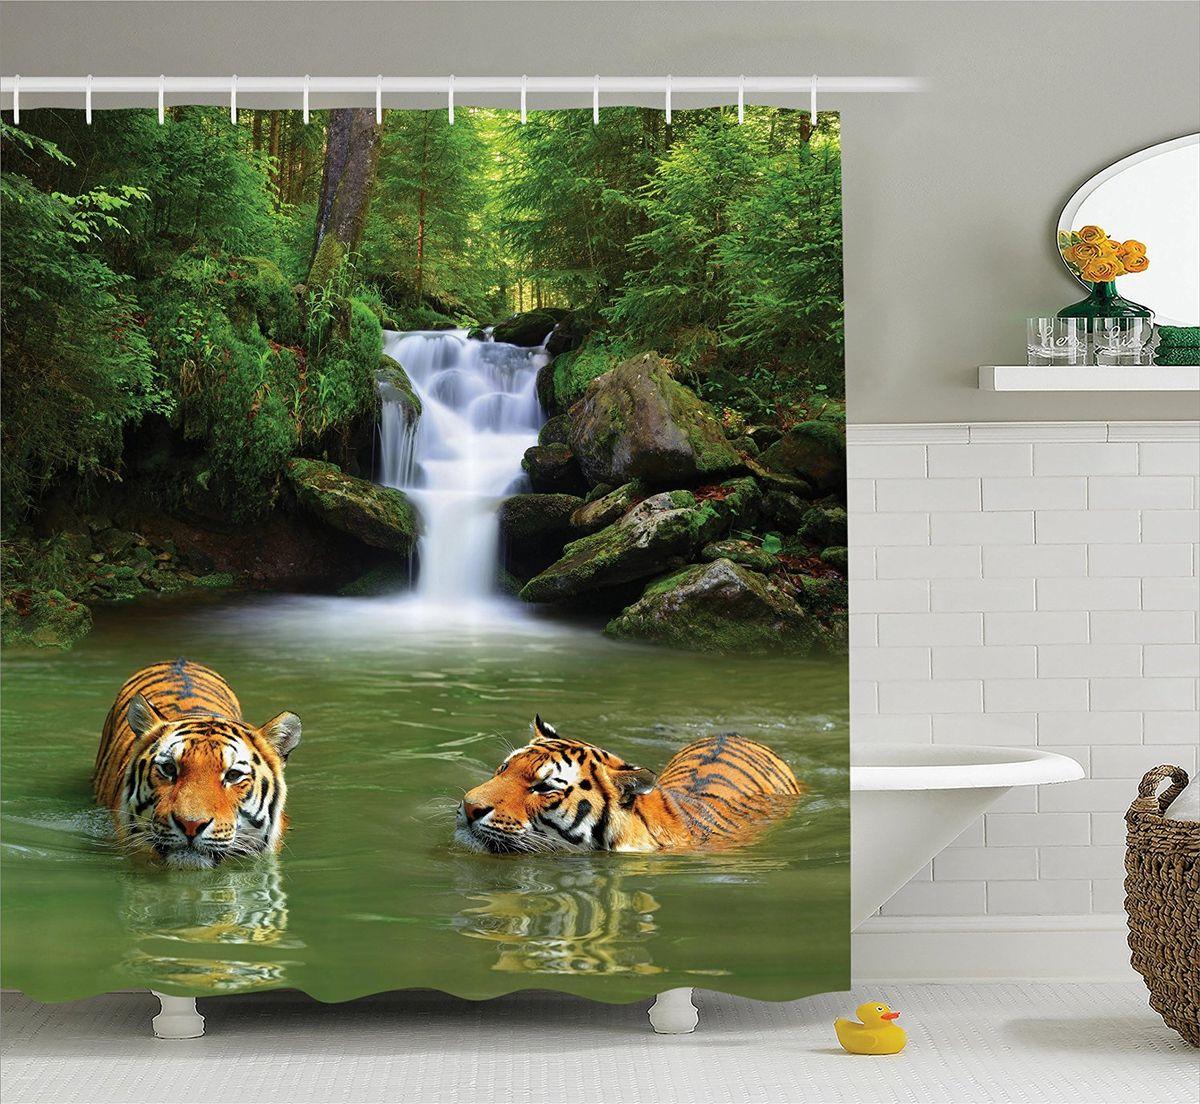 Штора для ванной комнаты Magic Lady Купающиеся тигры, 180 х 200 смшв_12732Штора Magic Lady Купающиеся тигры, изготовленная из высококачественного сатена (полиэстер 100%), отлично дополнит любой интерьер ванной комнаты. При изготовлении используются специальные гипоаллергенные чернила для прямой печати по ткани, безопасные для человека. В комплекте: 1 штора, 12 крючков.Обращаем ваше внимание, фактический цвет изделия может незначительно отличаться от представленного на фото.